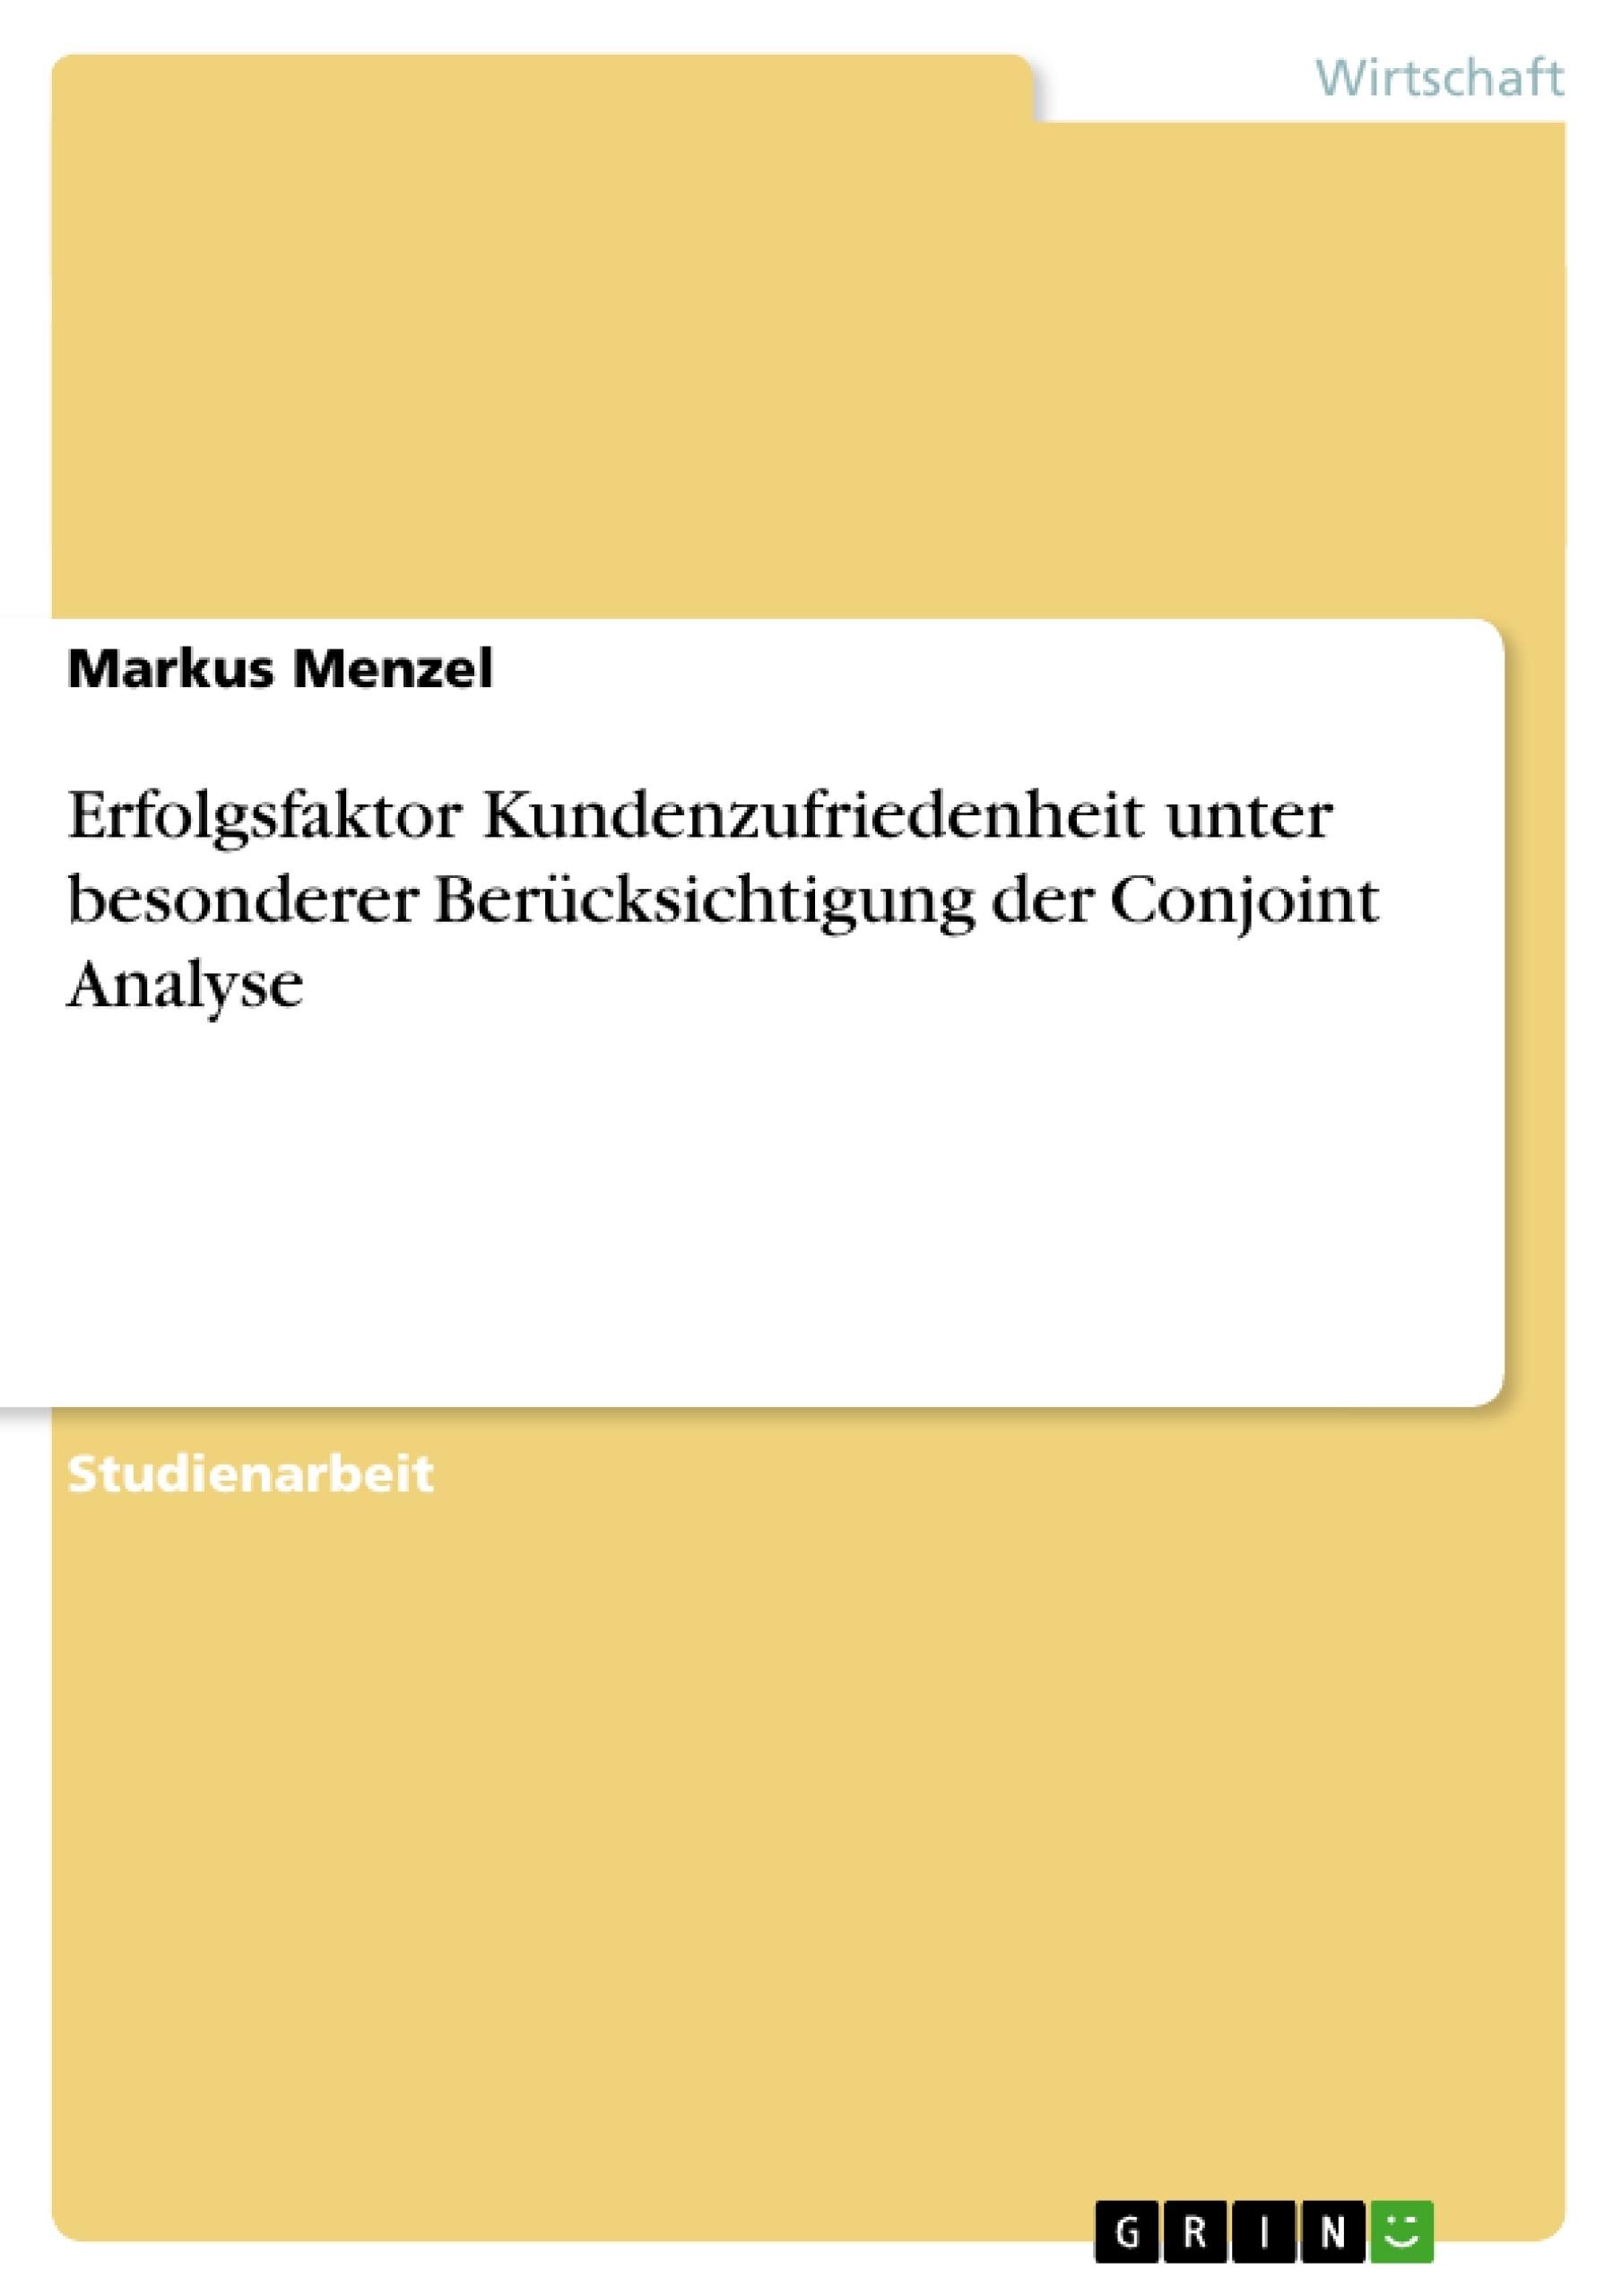 Titel: Erfolgsfaktor Kundenzufriedenheit unter besonderer Berücksichtigung der Conjoint Analyse